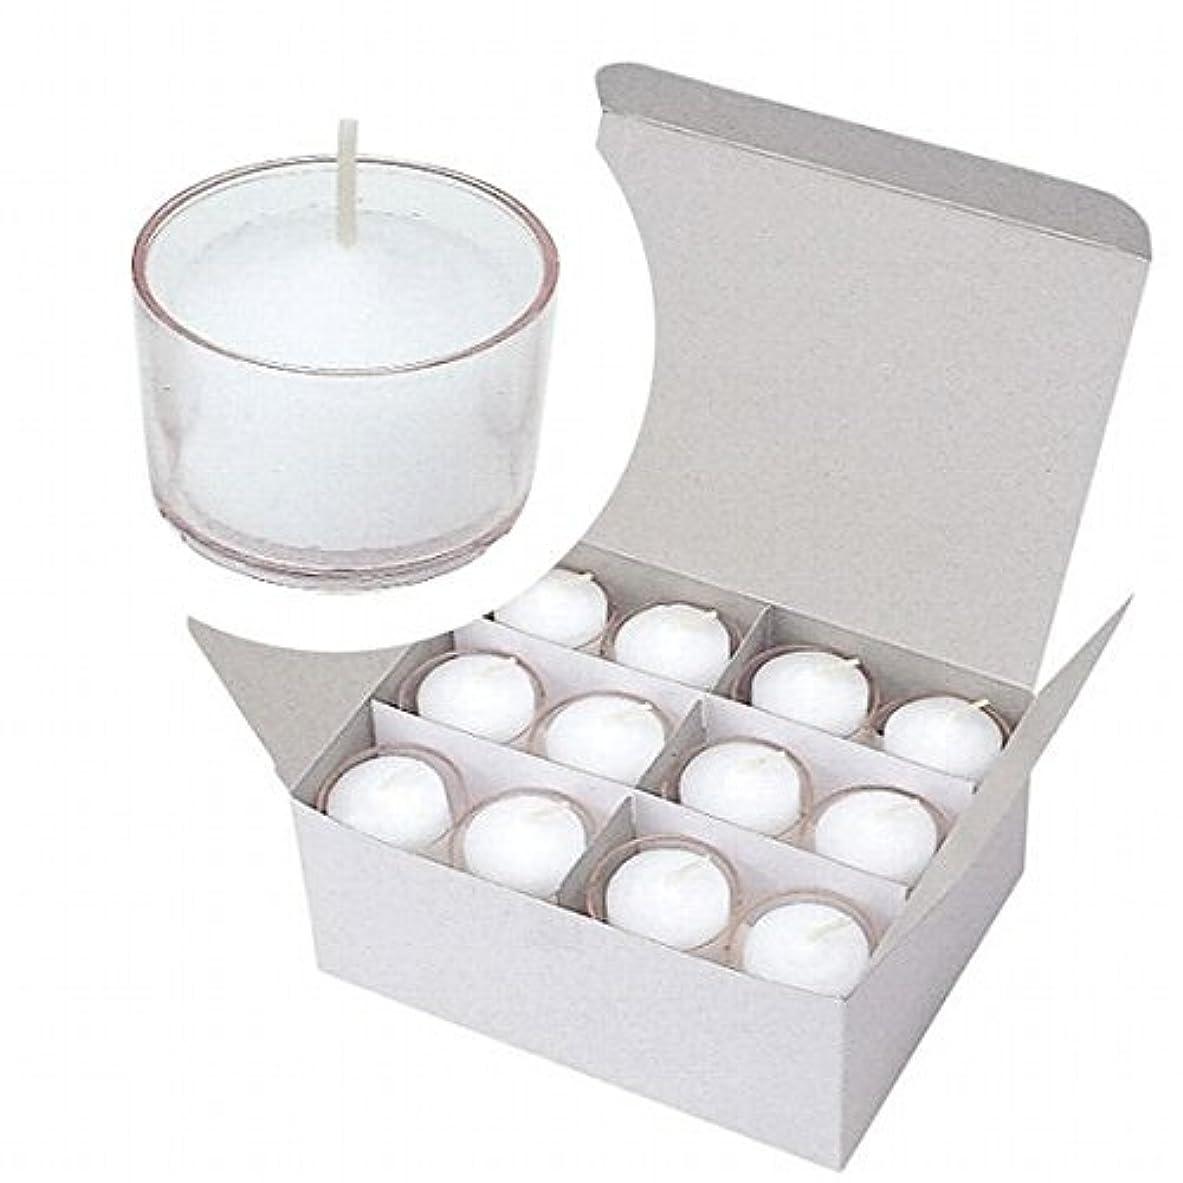 コーナー運搬豊富なカメヤマキャンドル(kameyama candle) クリアカップボーティブ4時間タイプ 24個入り 「 クリア 」